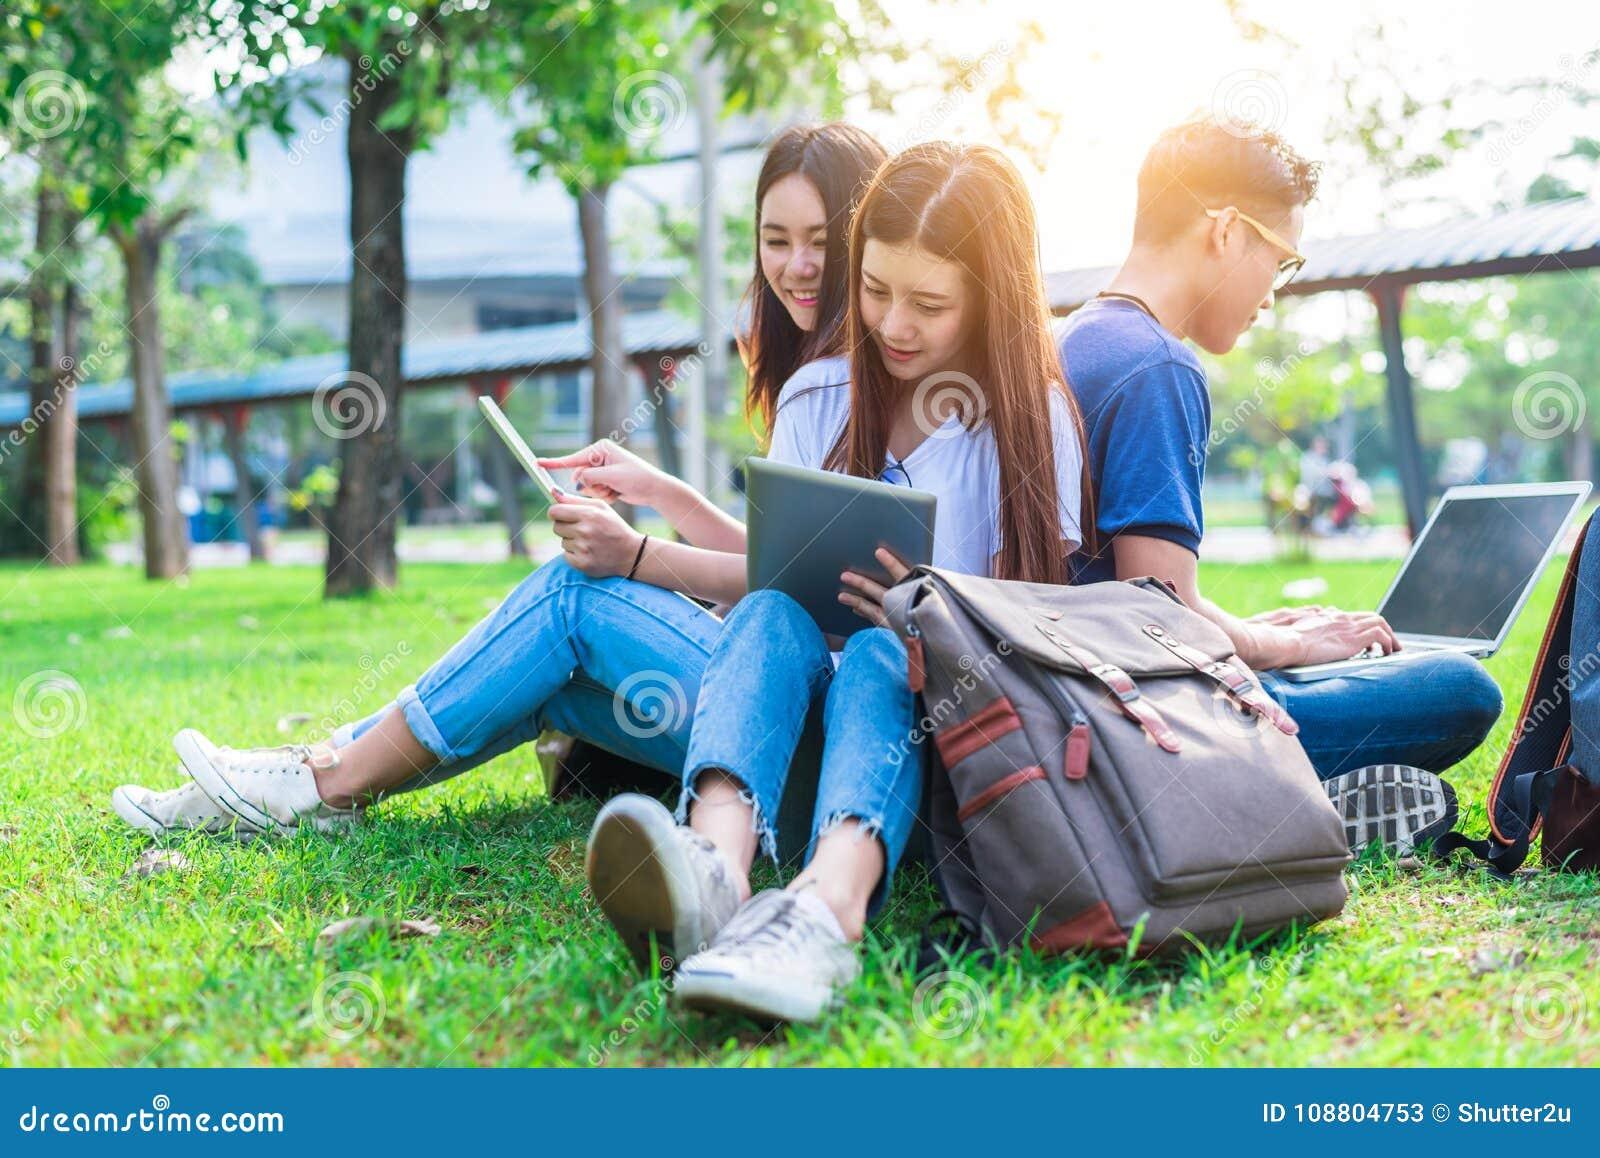 Ομάδα ασιατικού φοιτητή πανεπιστημίου που χρησιμοποιούν την ταμπλέτα και lap-top στη χλόη